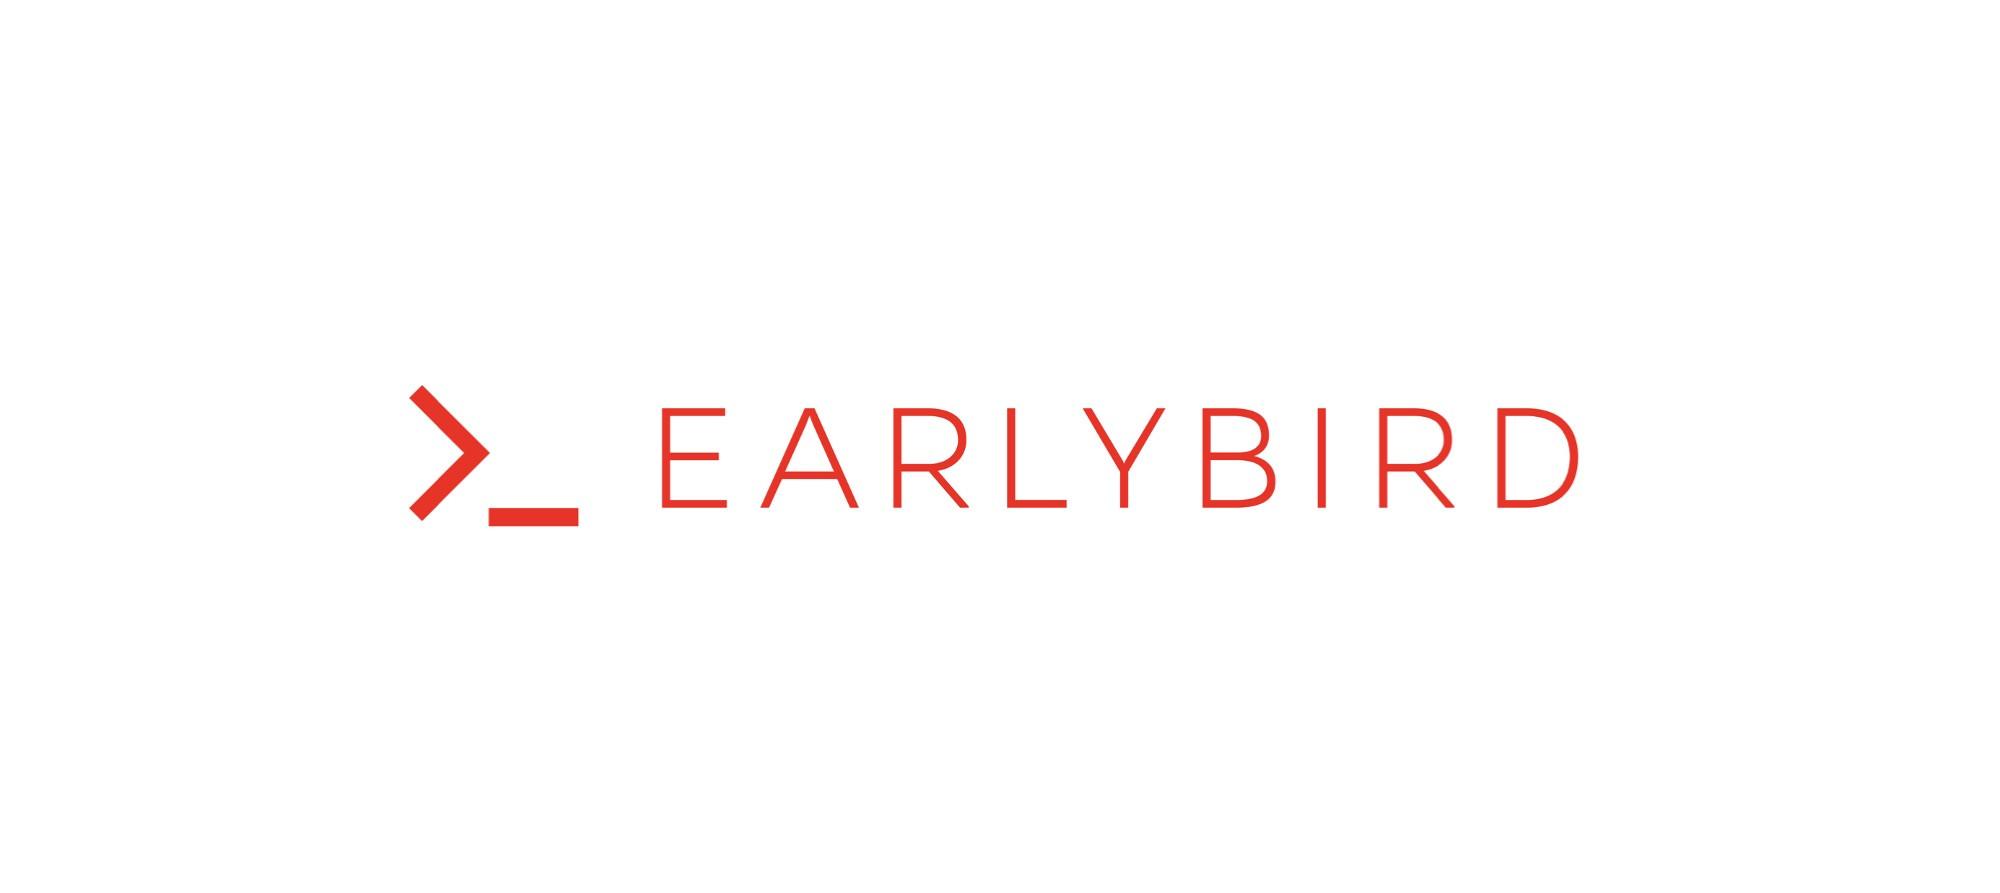 Earlybird.jpeg